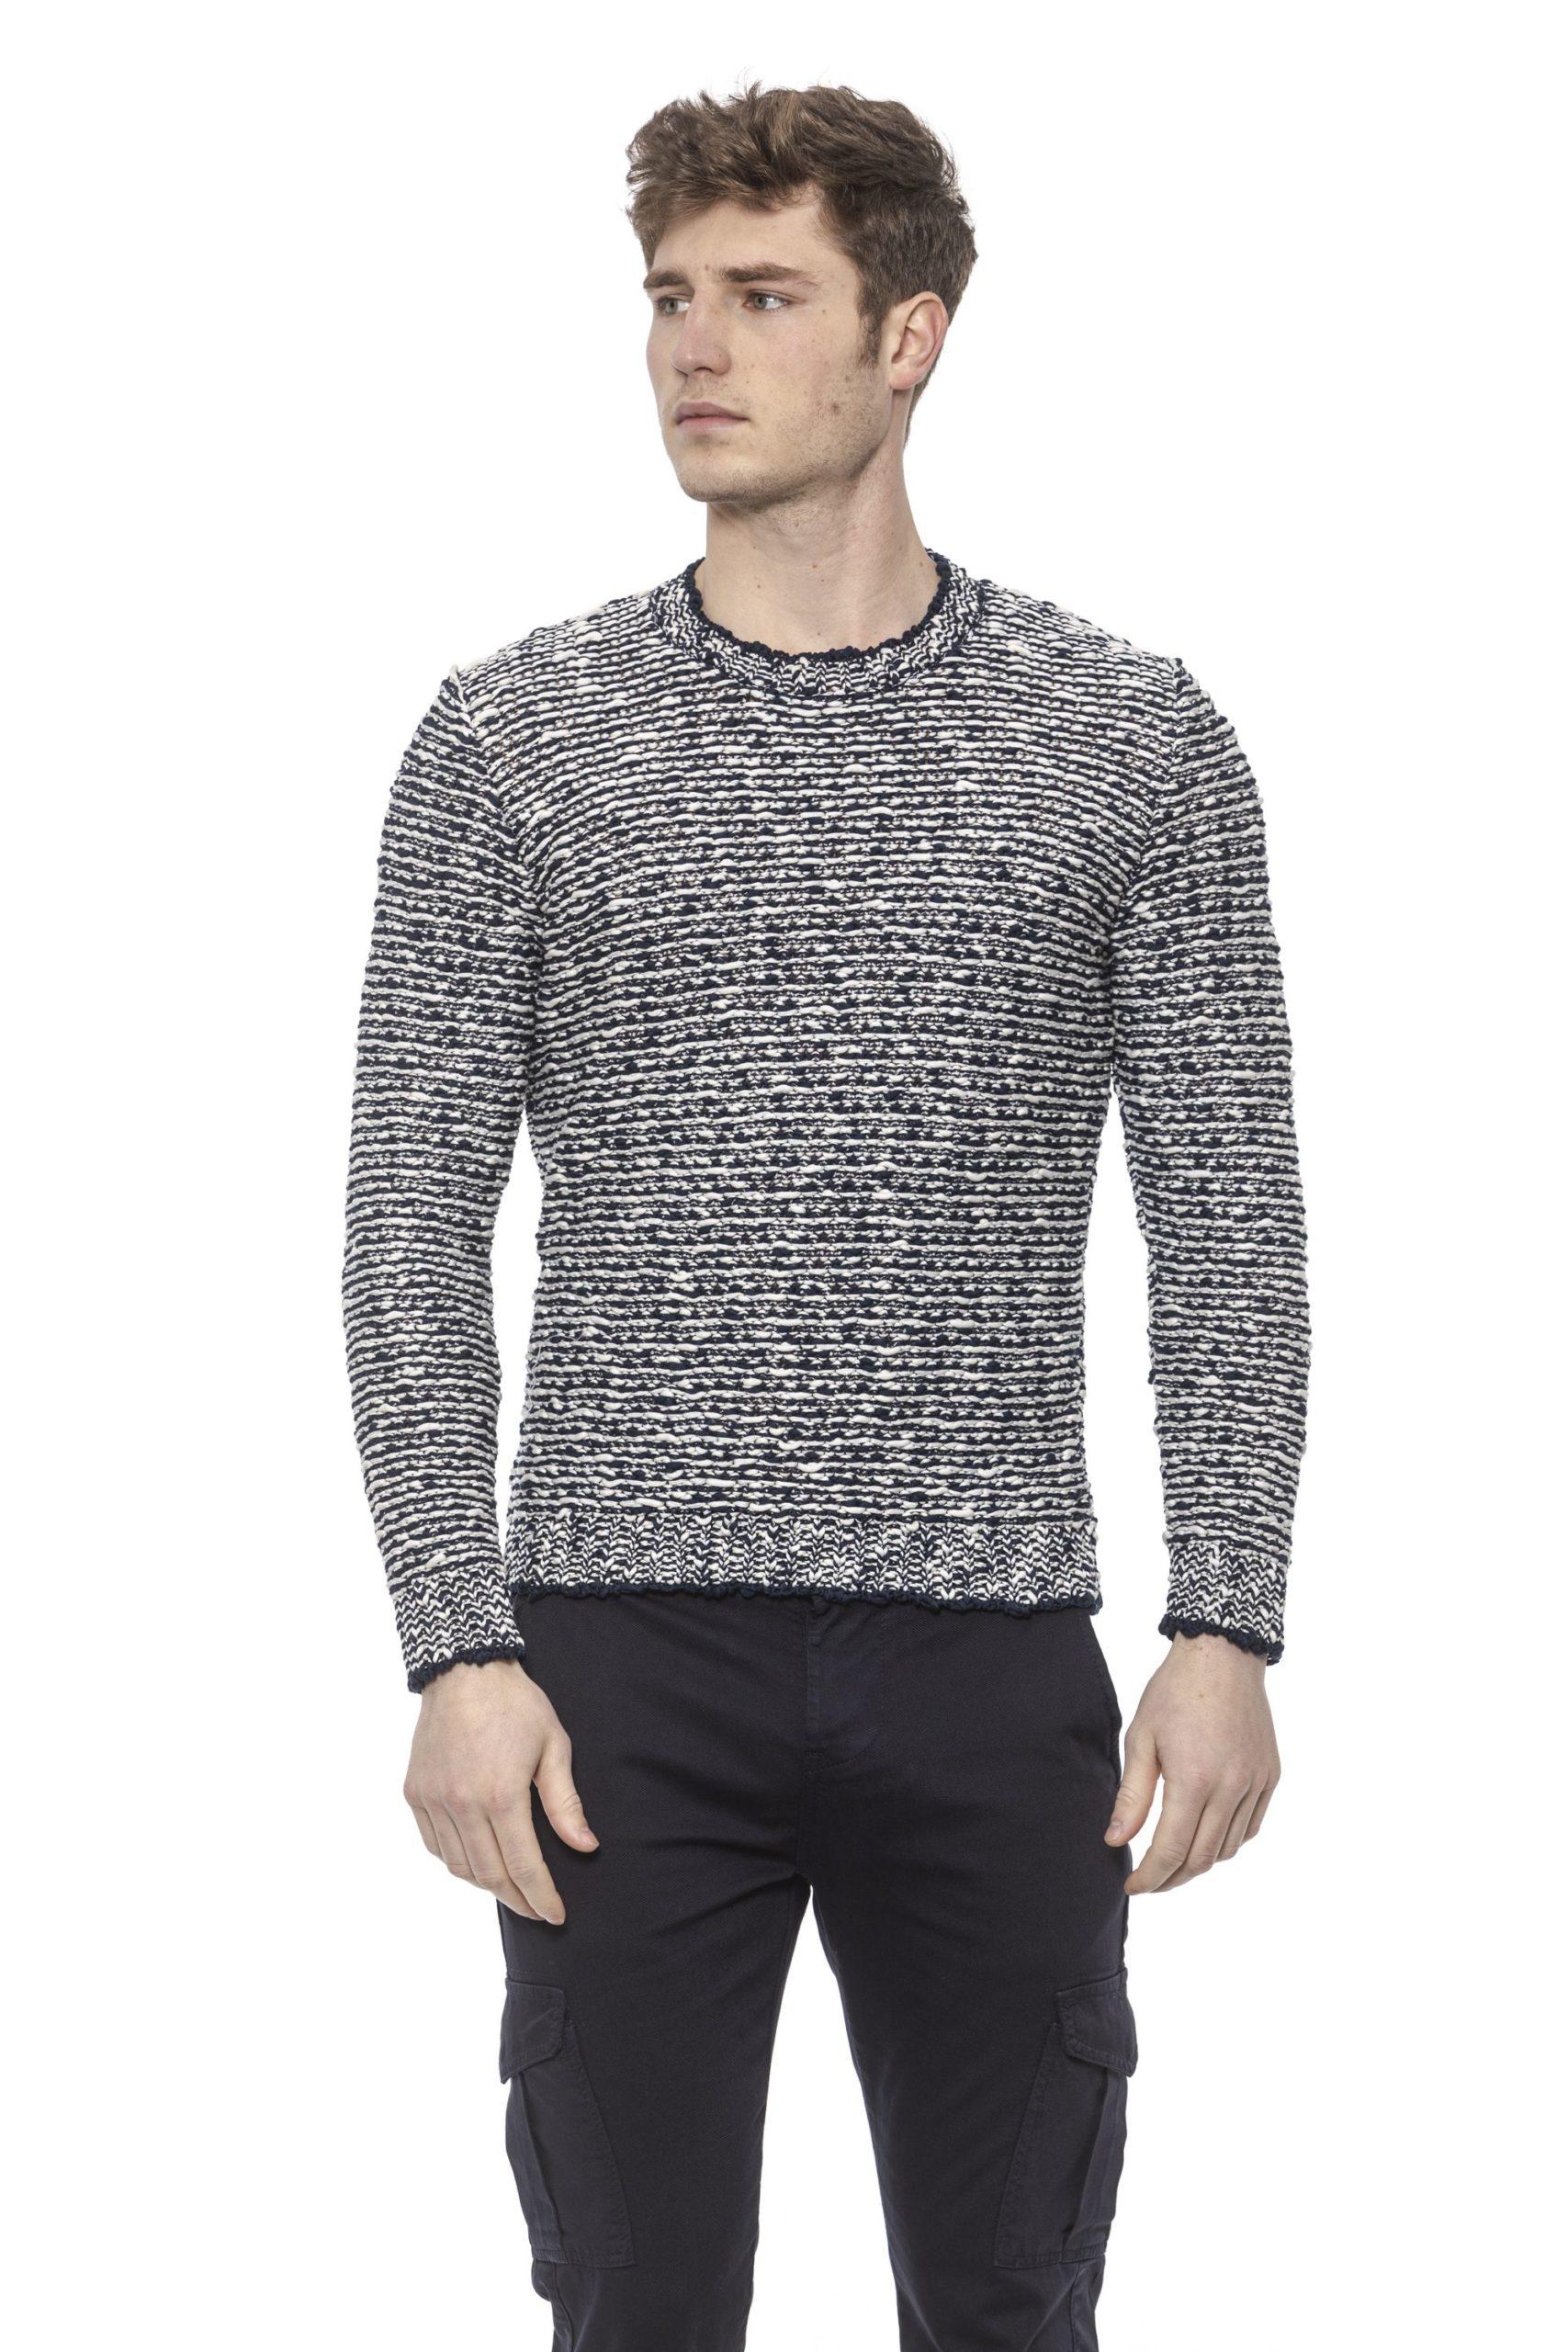 Alpha Studio Men's V A R. U N I C A Sweater Blue AL1374479 - IT50 | L